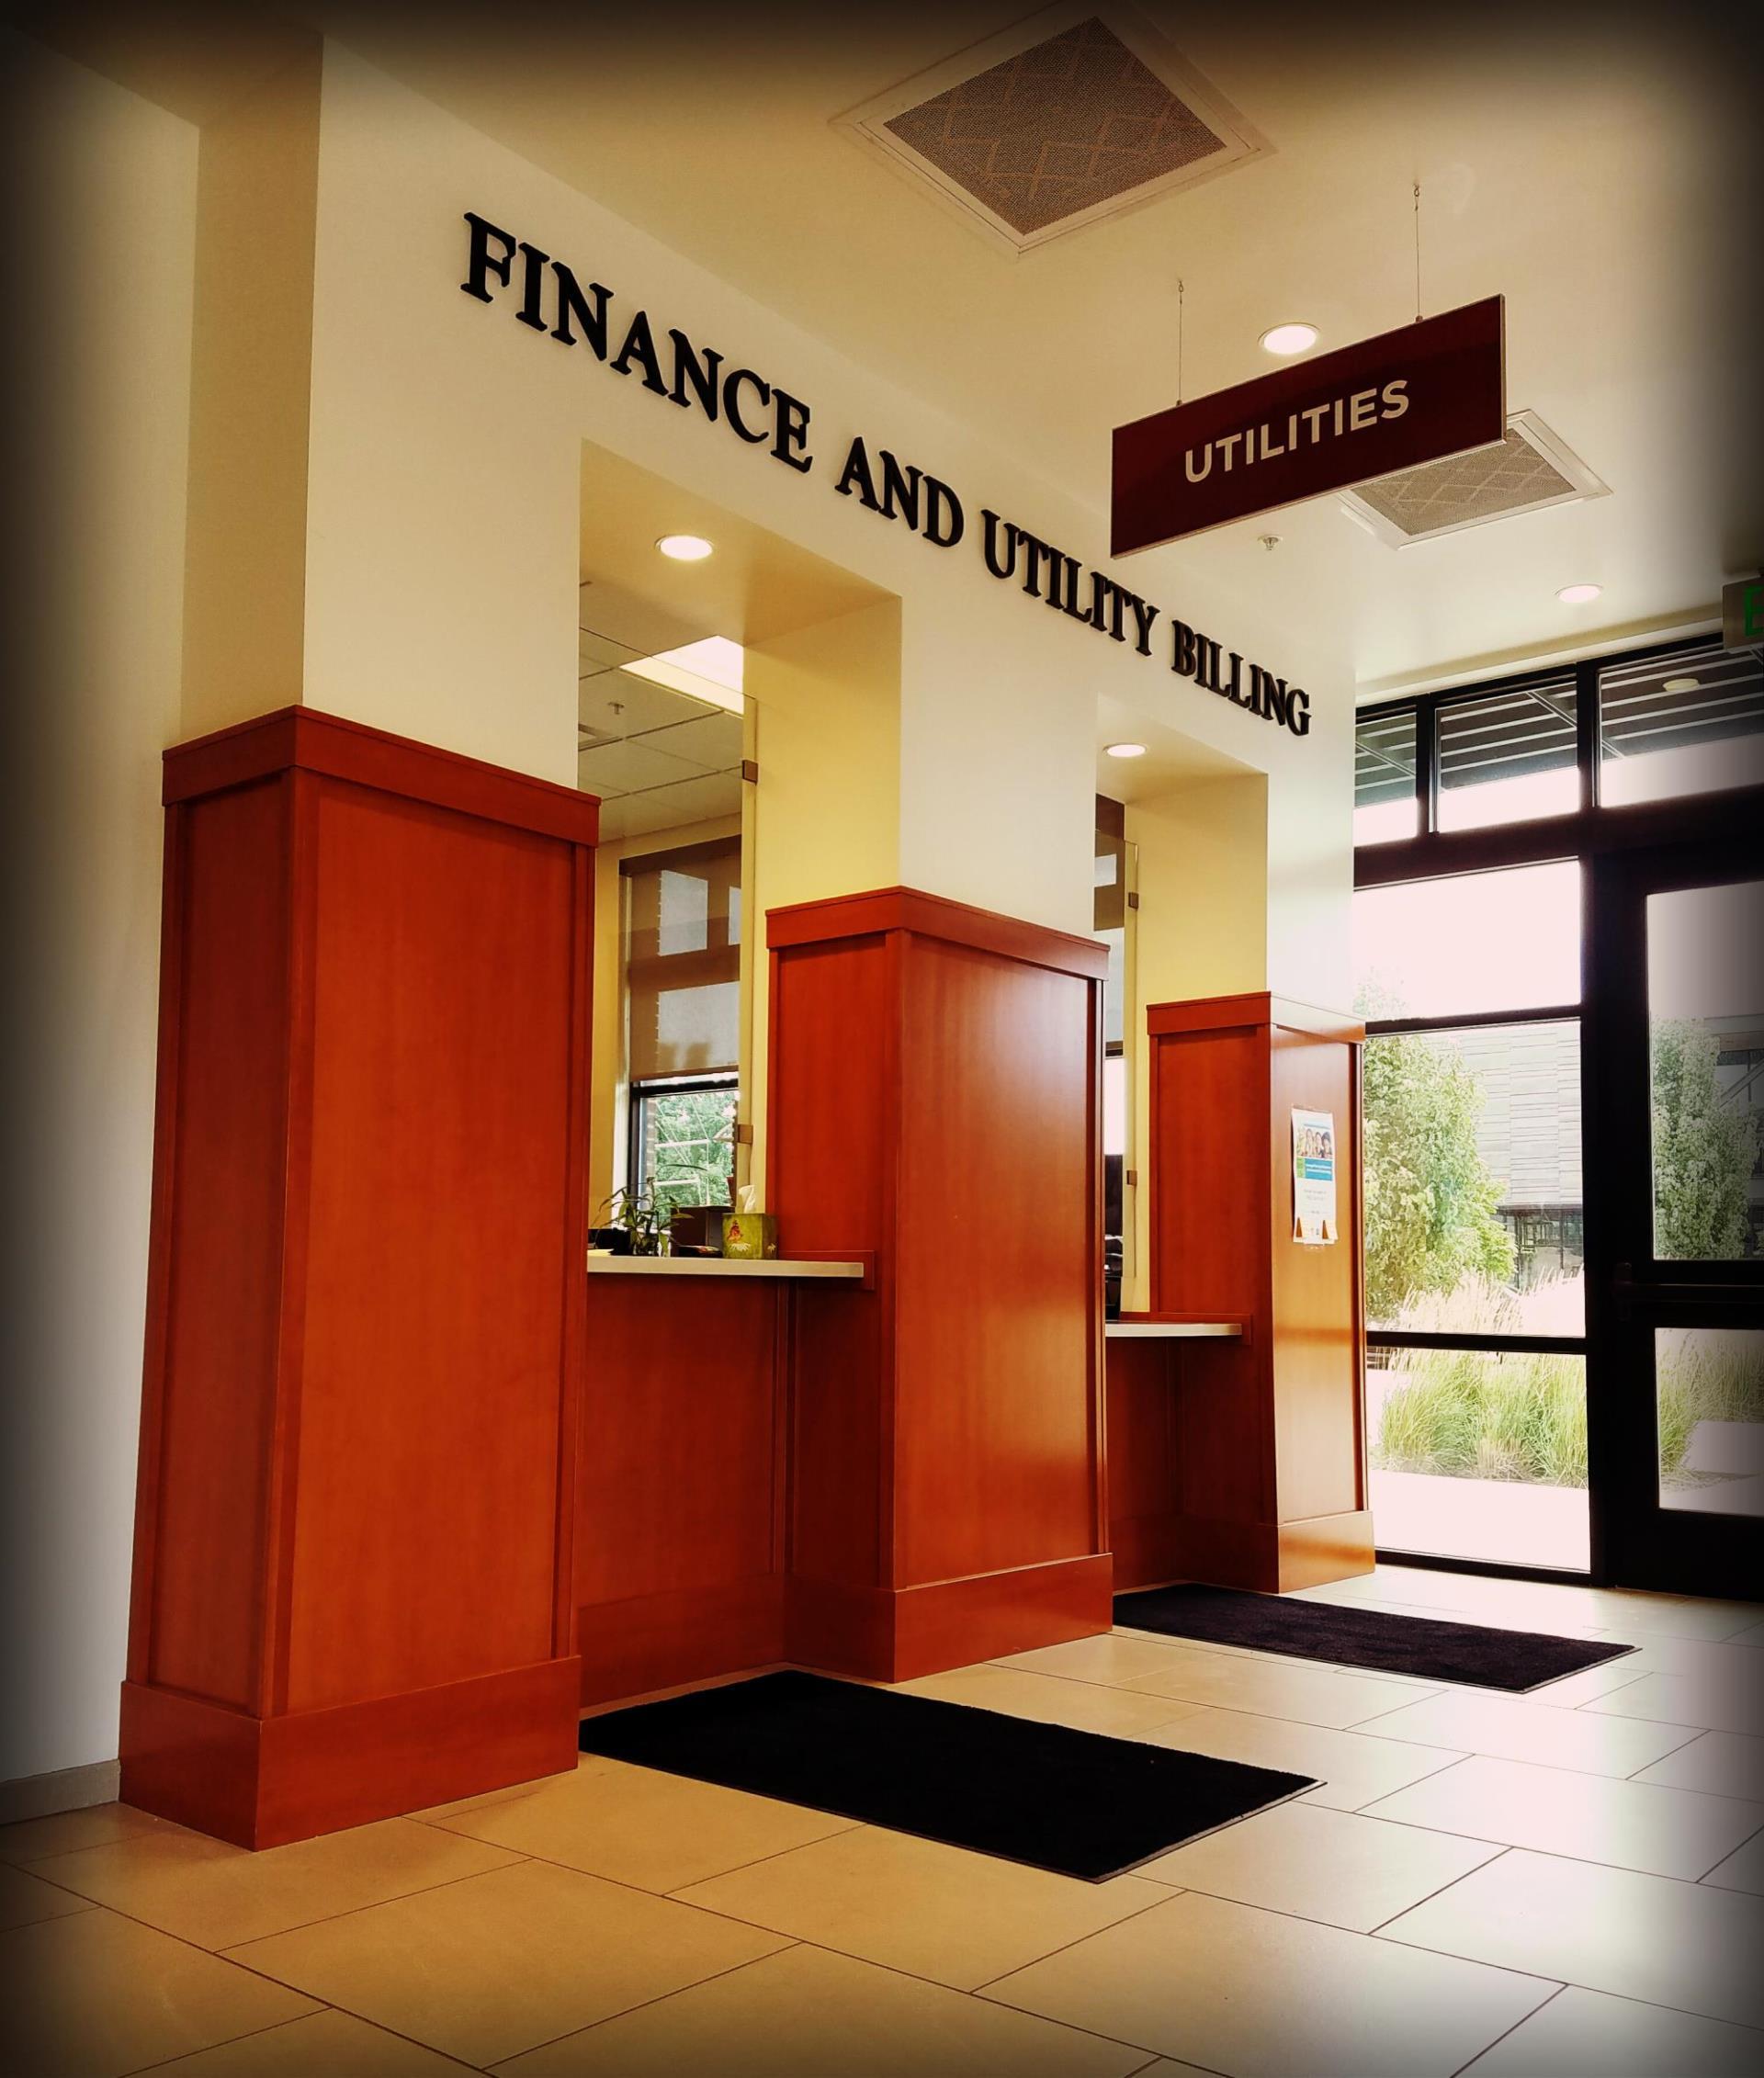 Finance Area